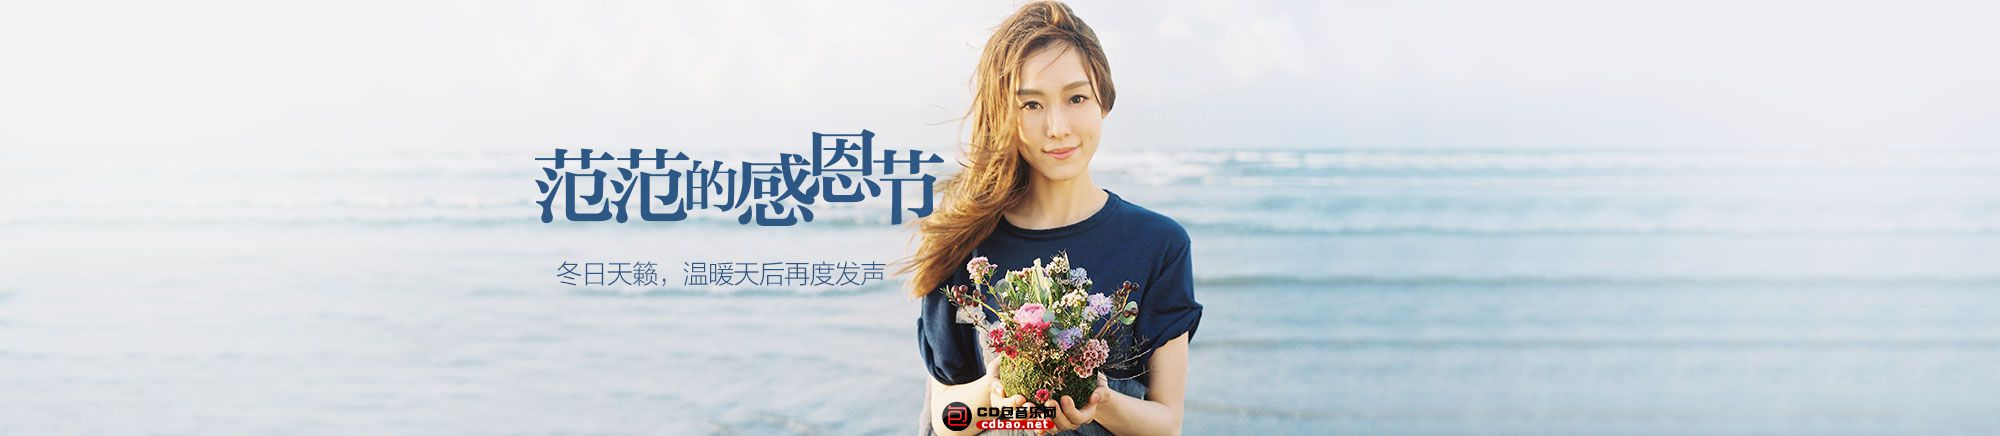 范玮琪专辑《范范的感恩节》.jpg